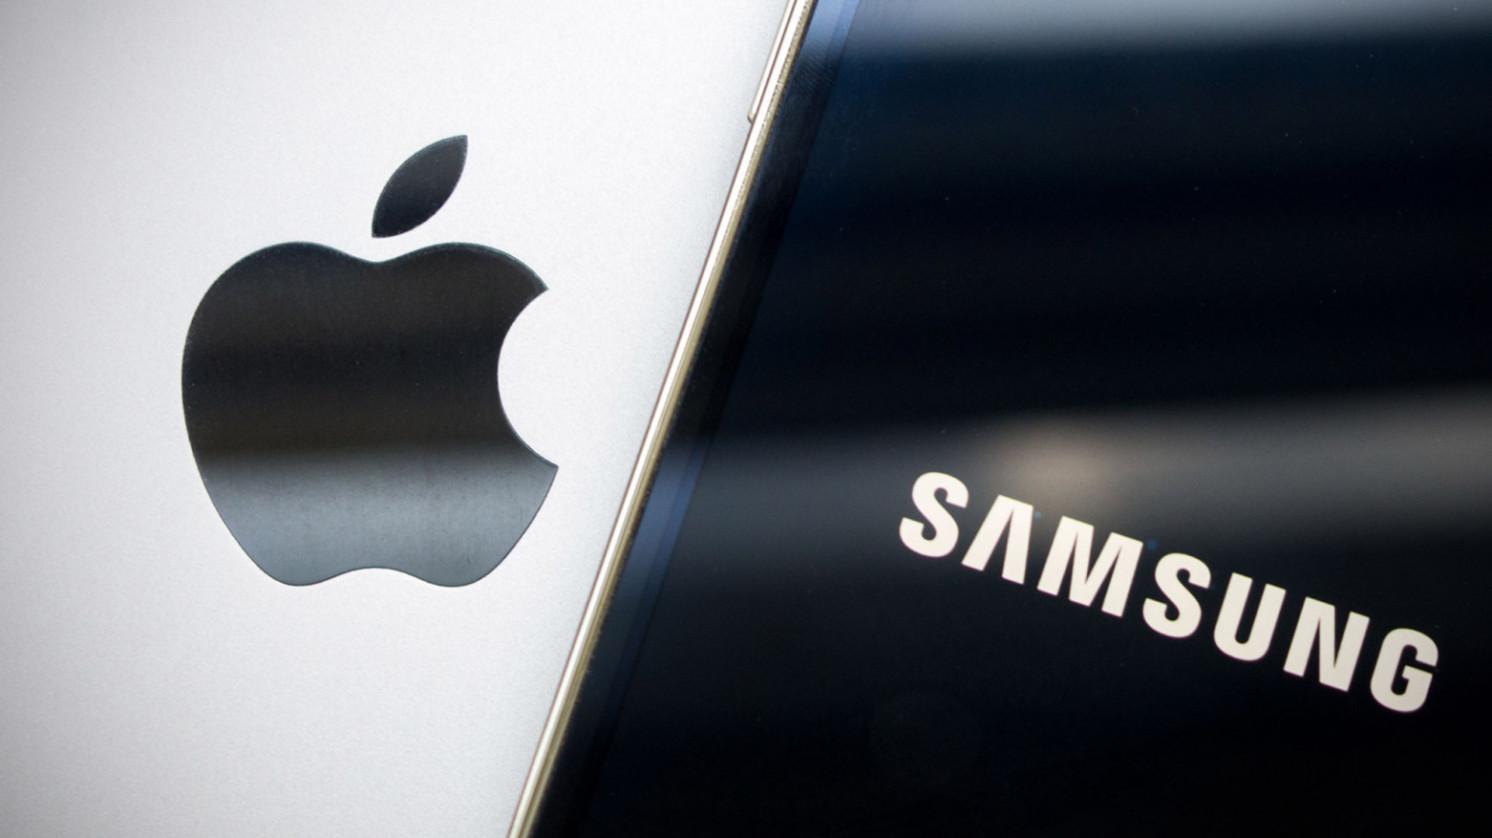 Apple și Samsung, amendate cu milioane de euro deoarece au încetinit funcționarea telefoanelor mobile